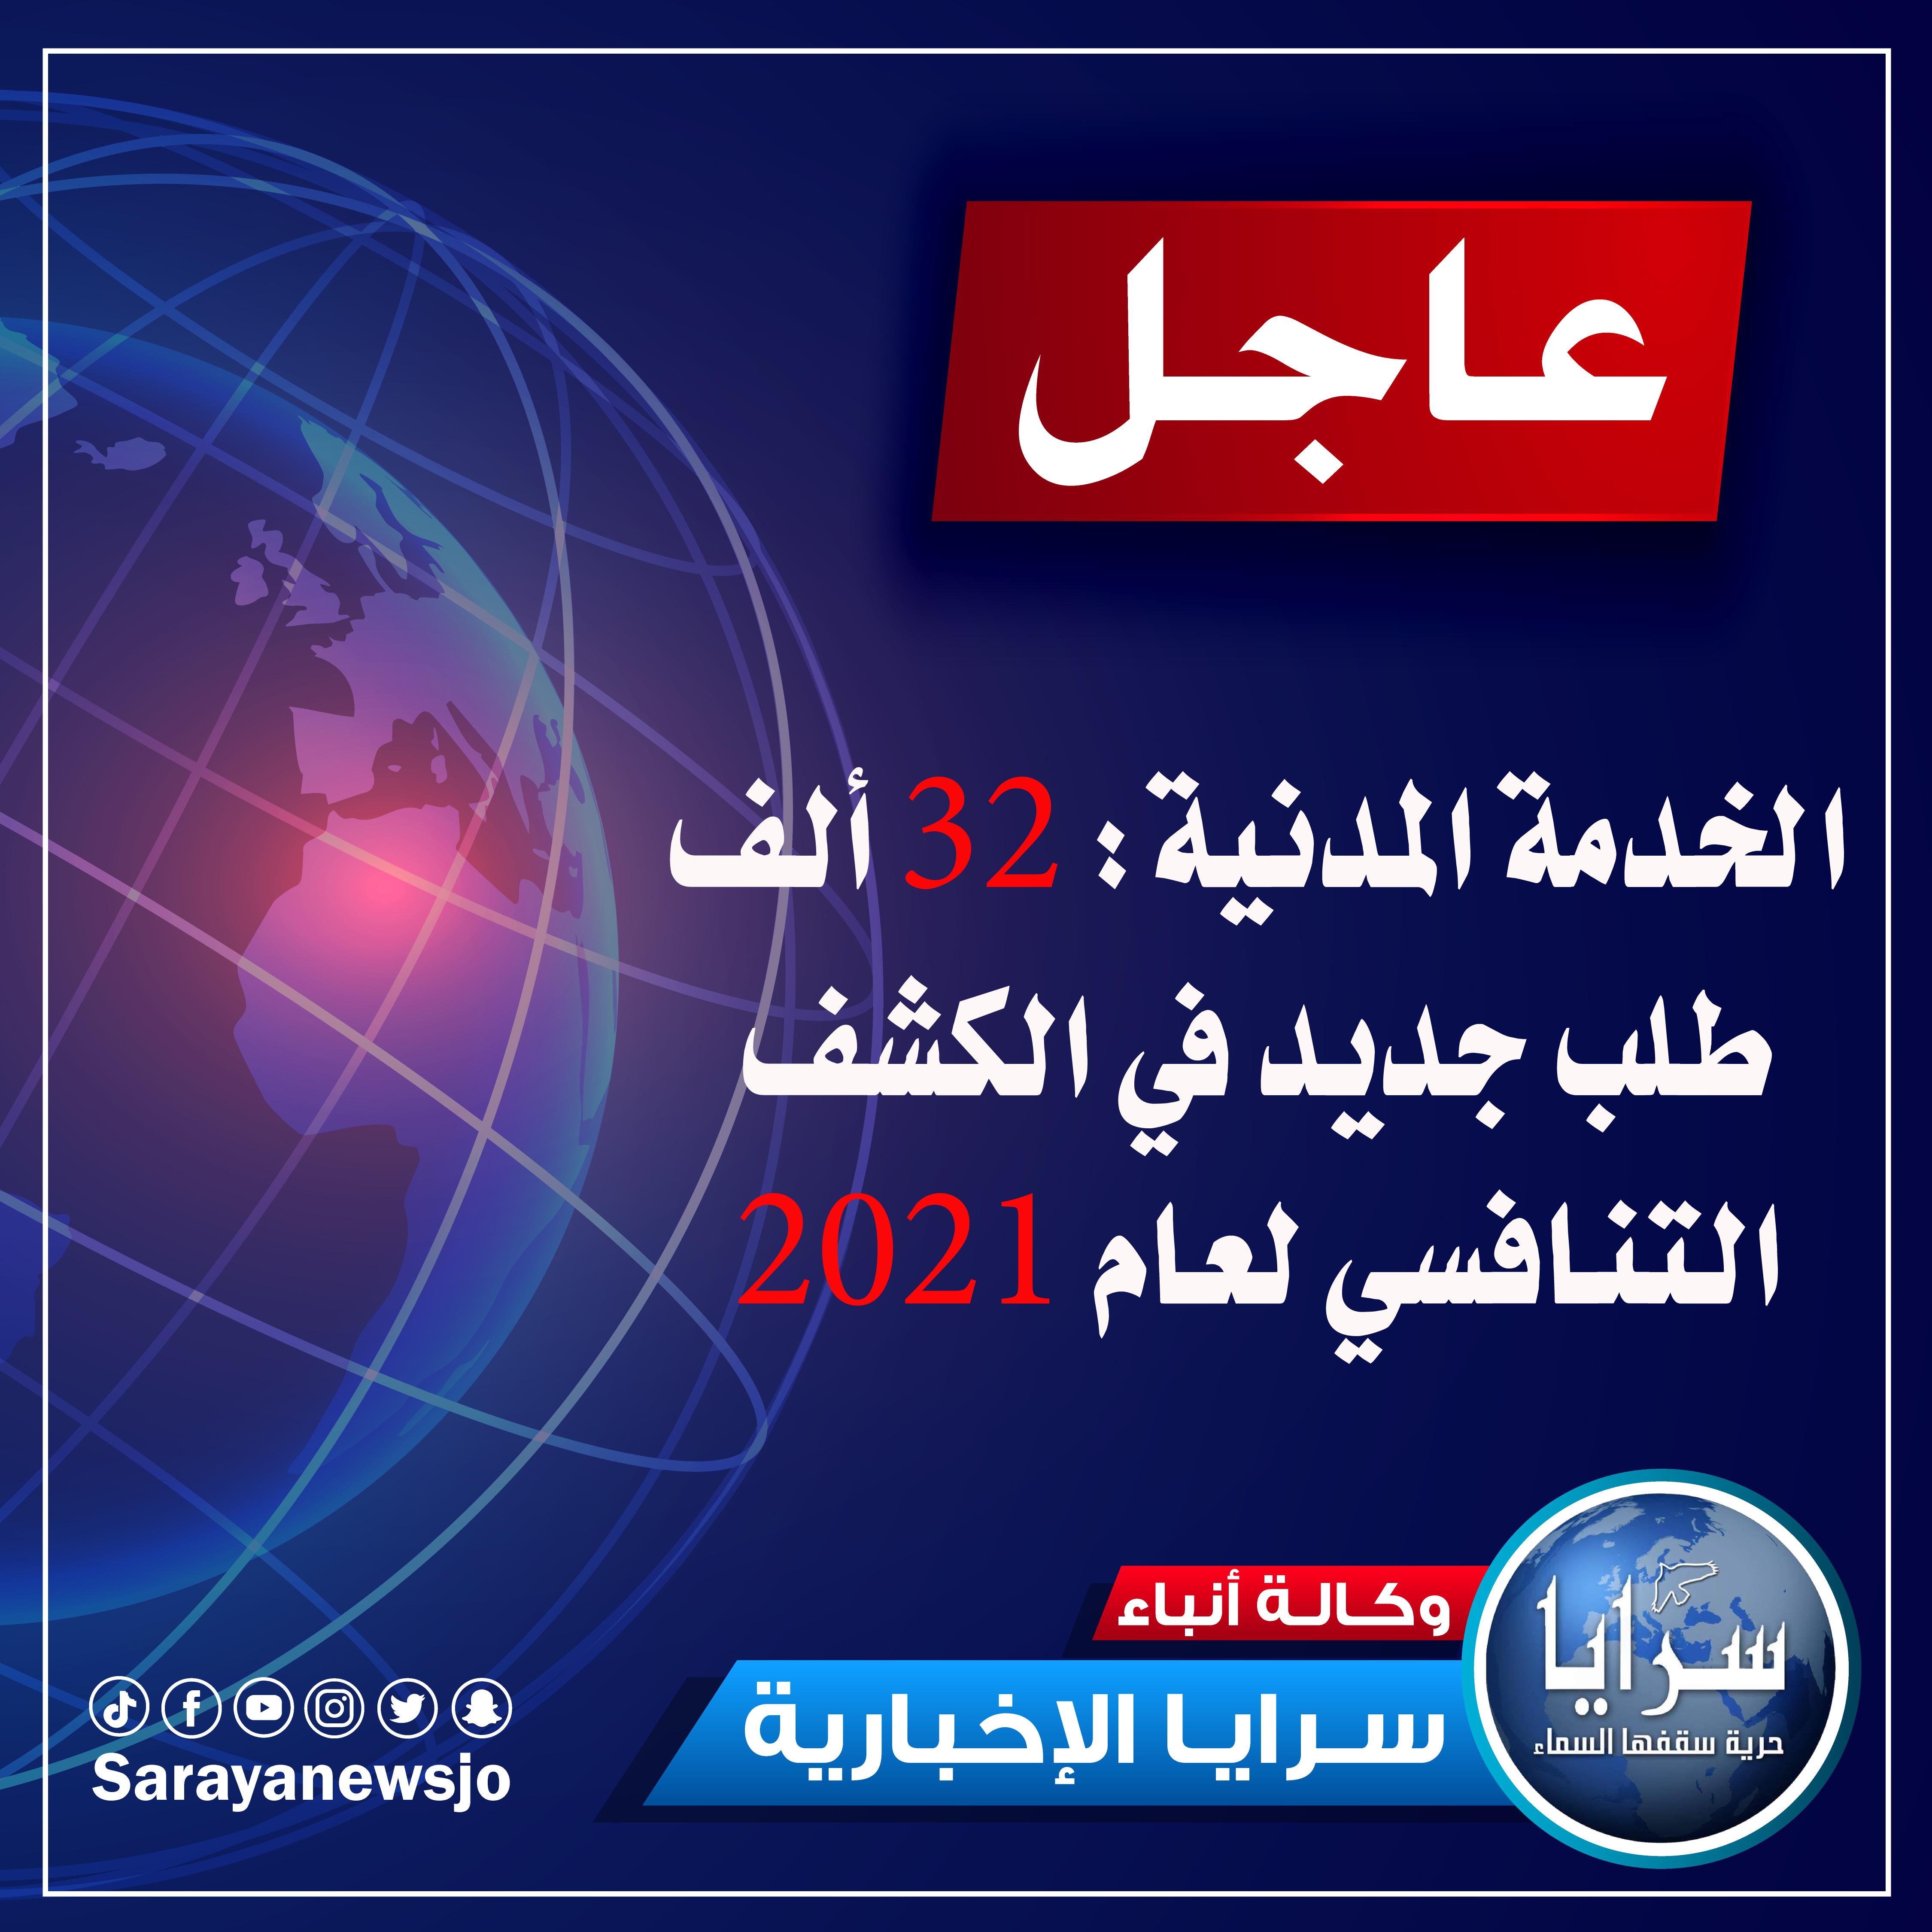 للأردنيين  ..  تعرفوا على ترتيبكم التنافسي في ديوان الخدمة المدنية  ..  رابط